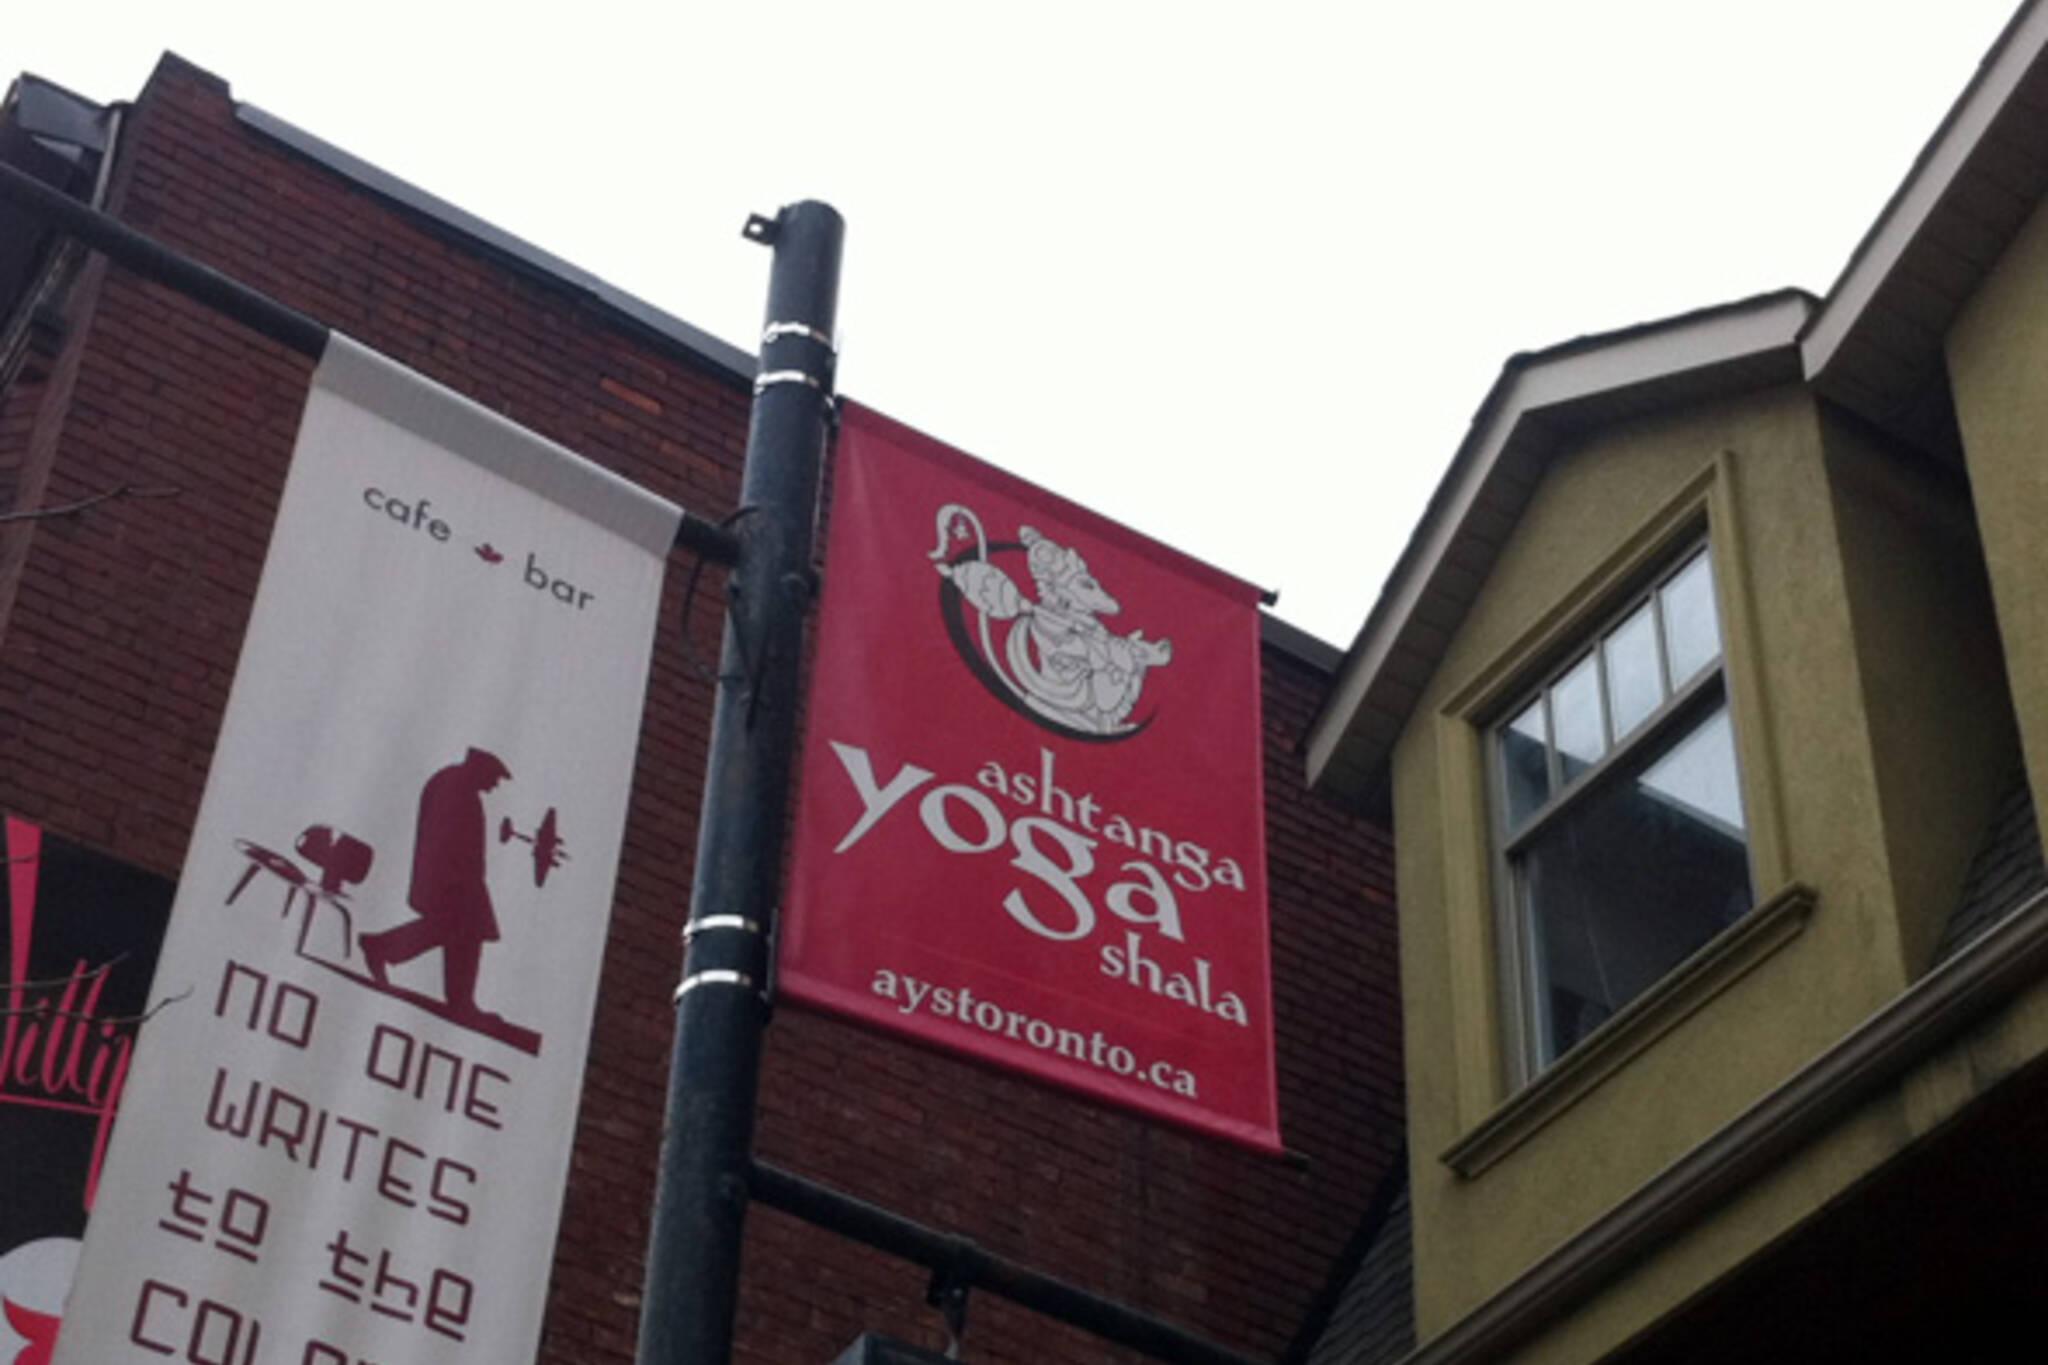 Ashtanga Yoga Shala Toronto